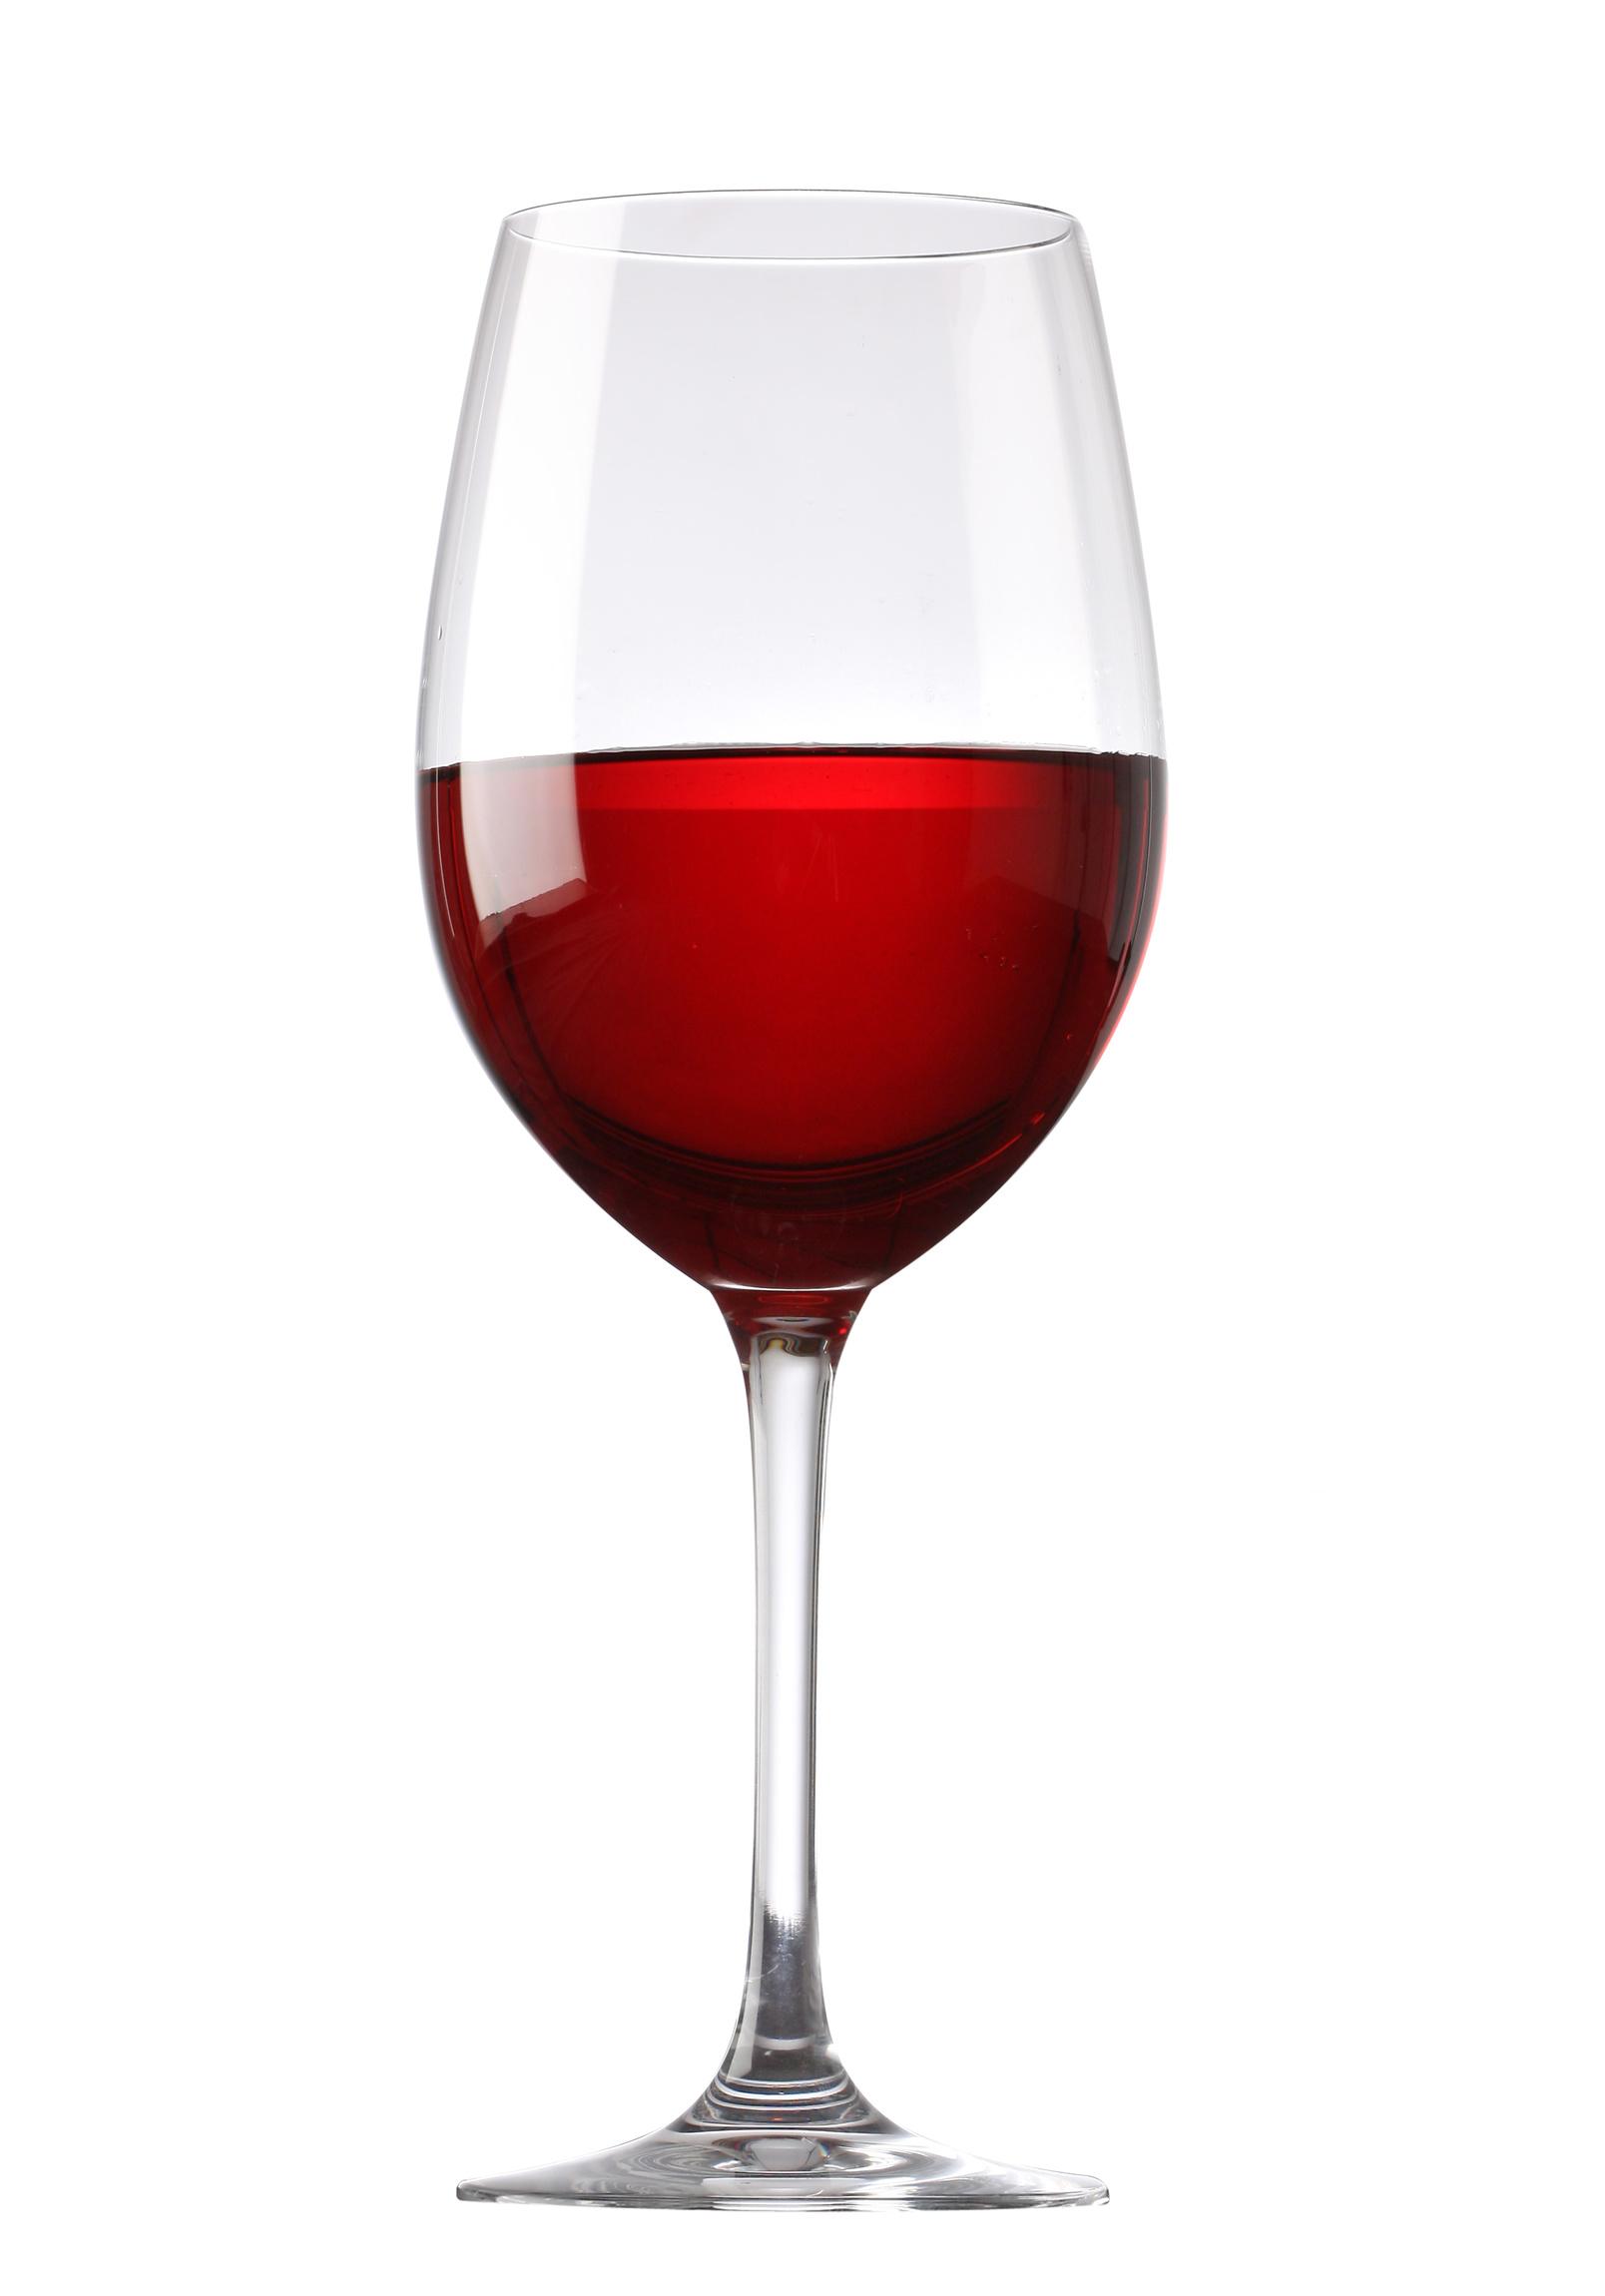 Rabelais volont communaut de communes chinon vienne - Verre de vin dessin ...